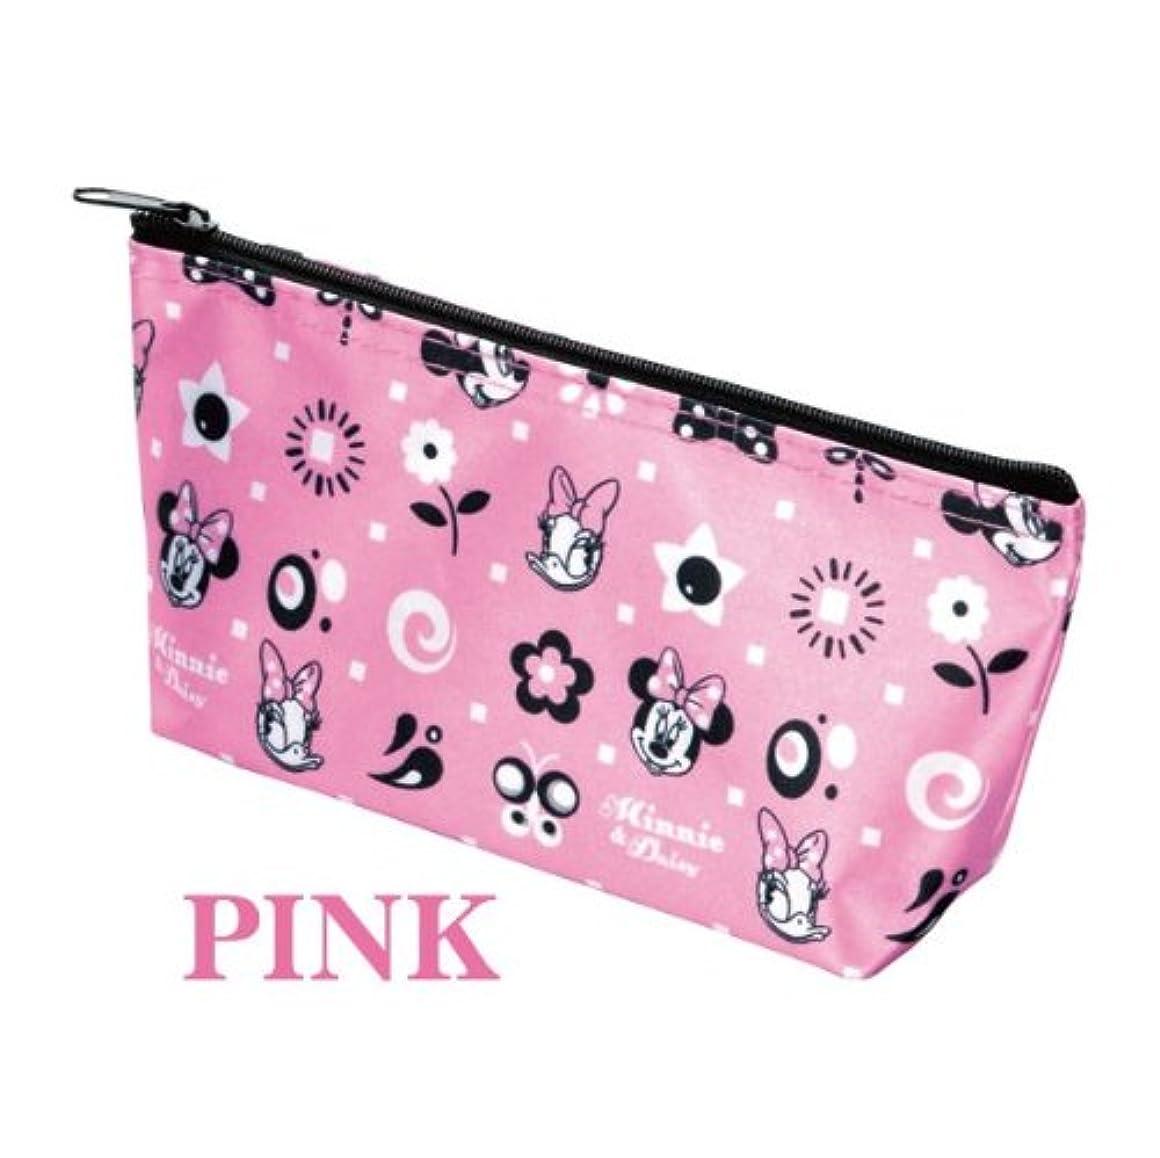 小麦計画スナックDisney(ディズニー) スイートキャラクターポーチ(ピンク?ブラック) (ピンク)